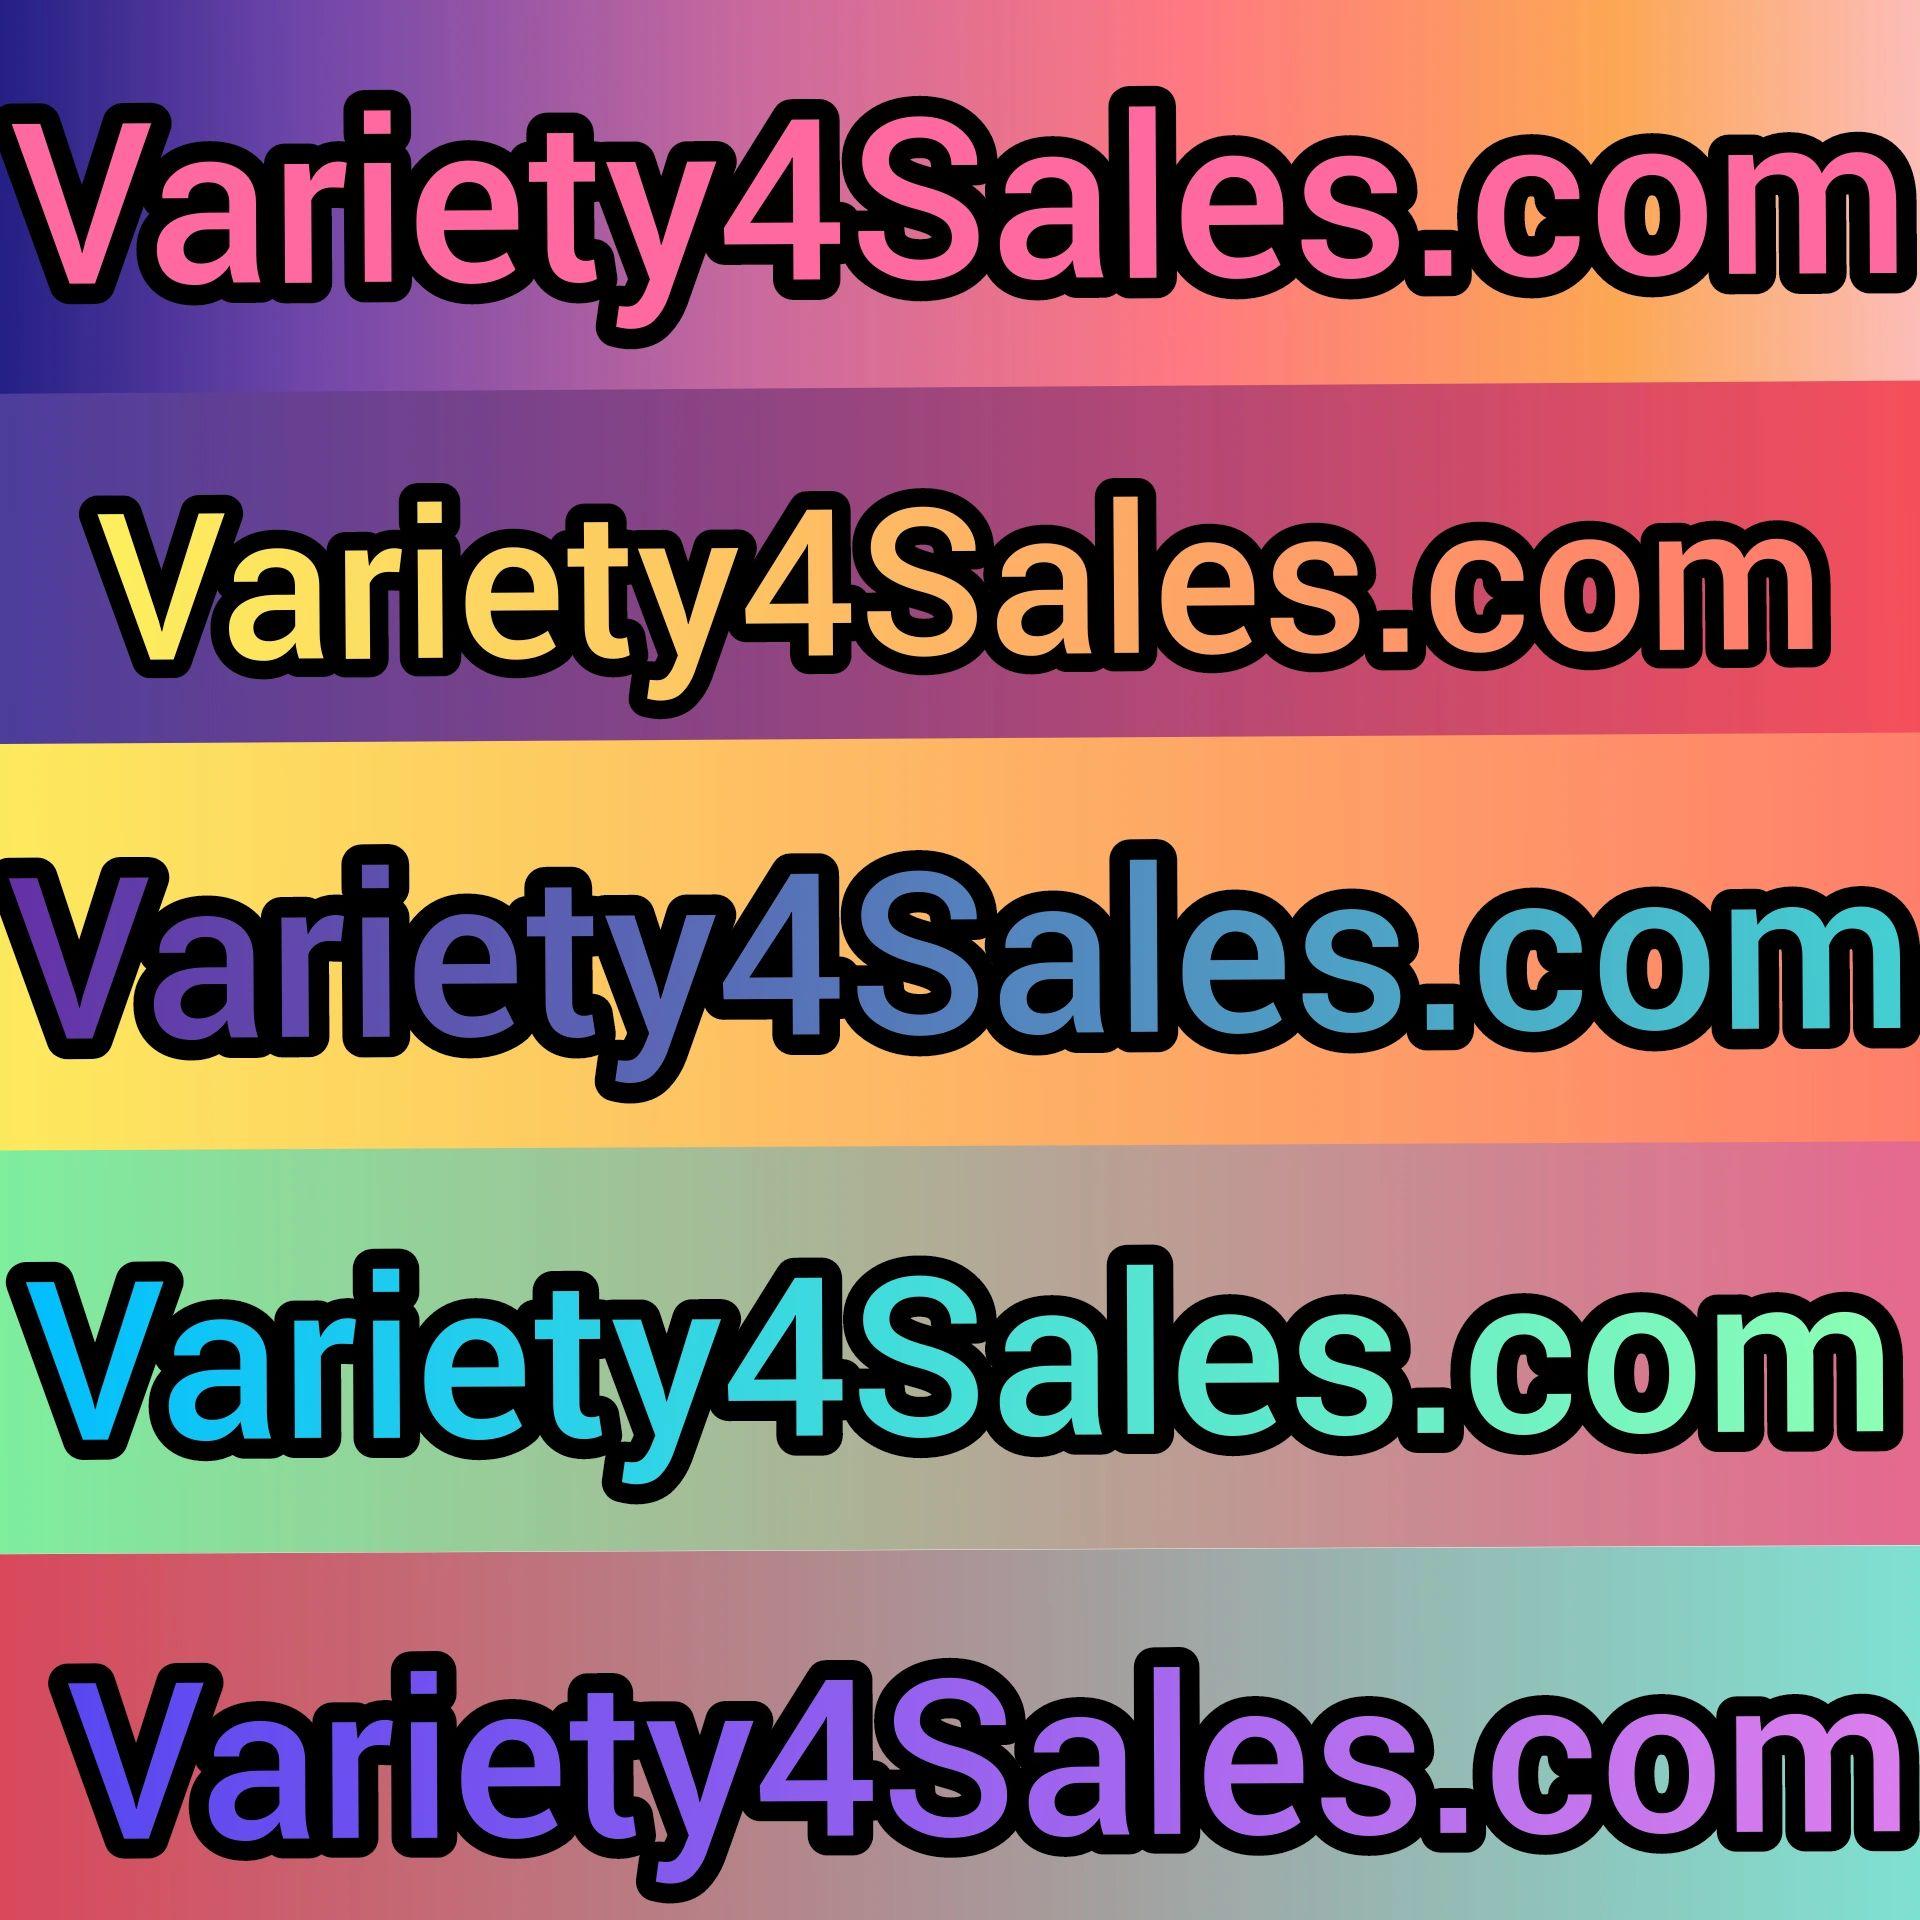 Variety4Sales com